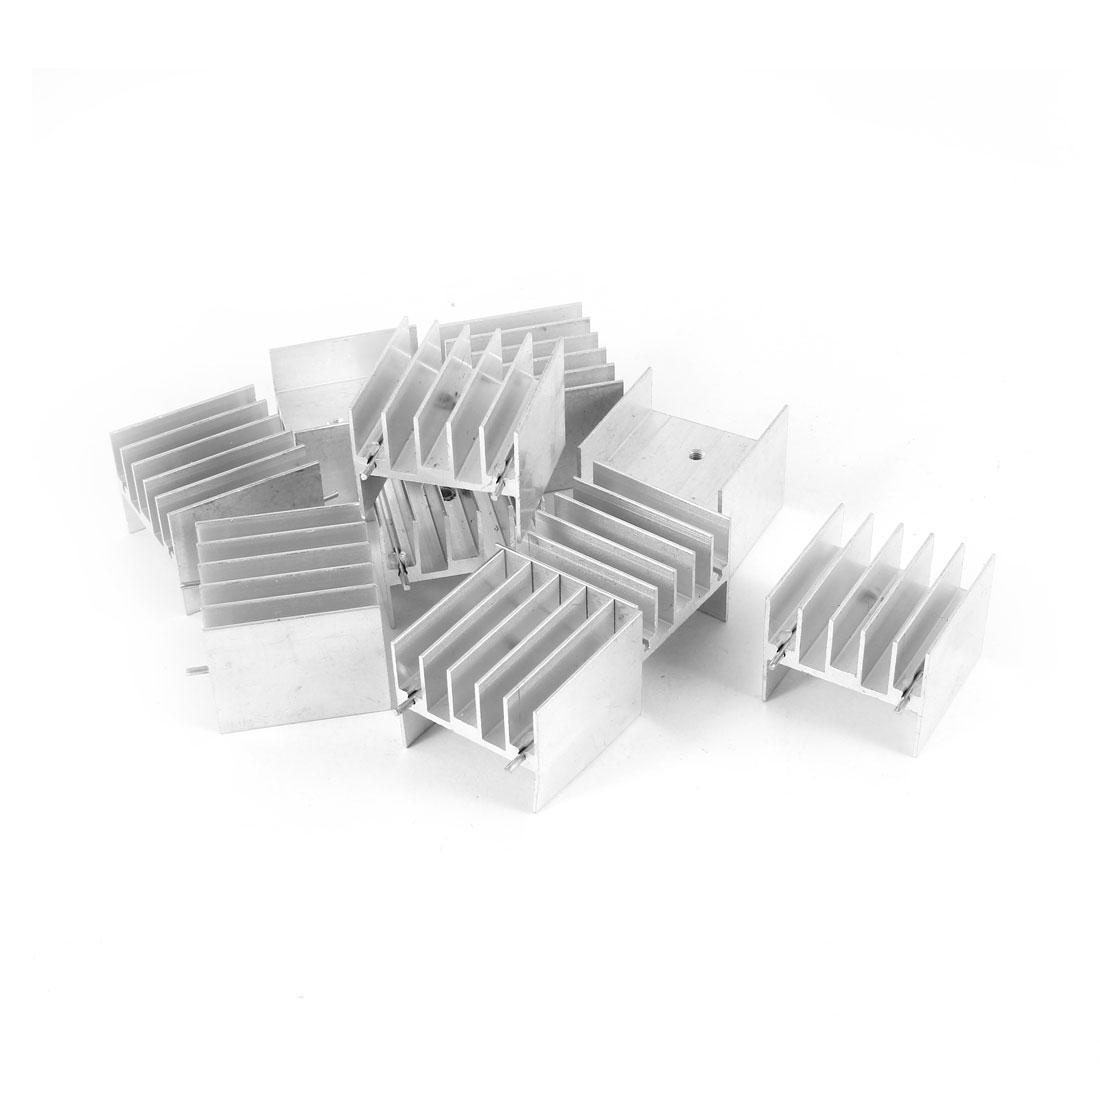 10 Pcs Aluminium Radiator Fin Heatsink Heat Sink 30mm x 24mm x 30mm for MOS Tube IC